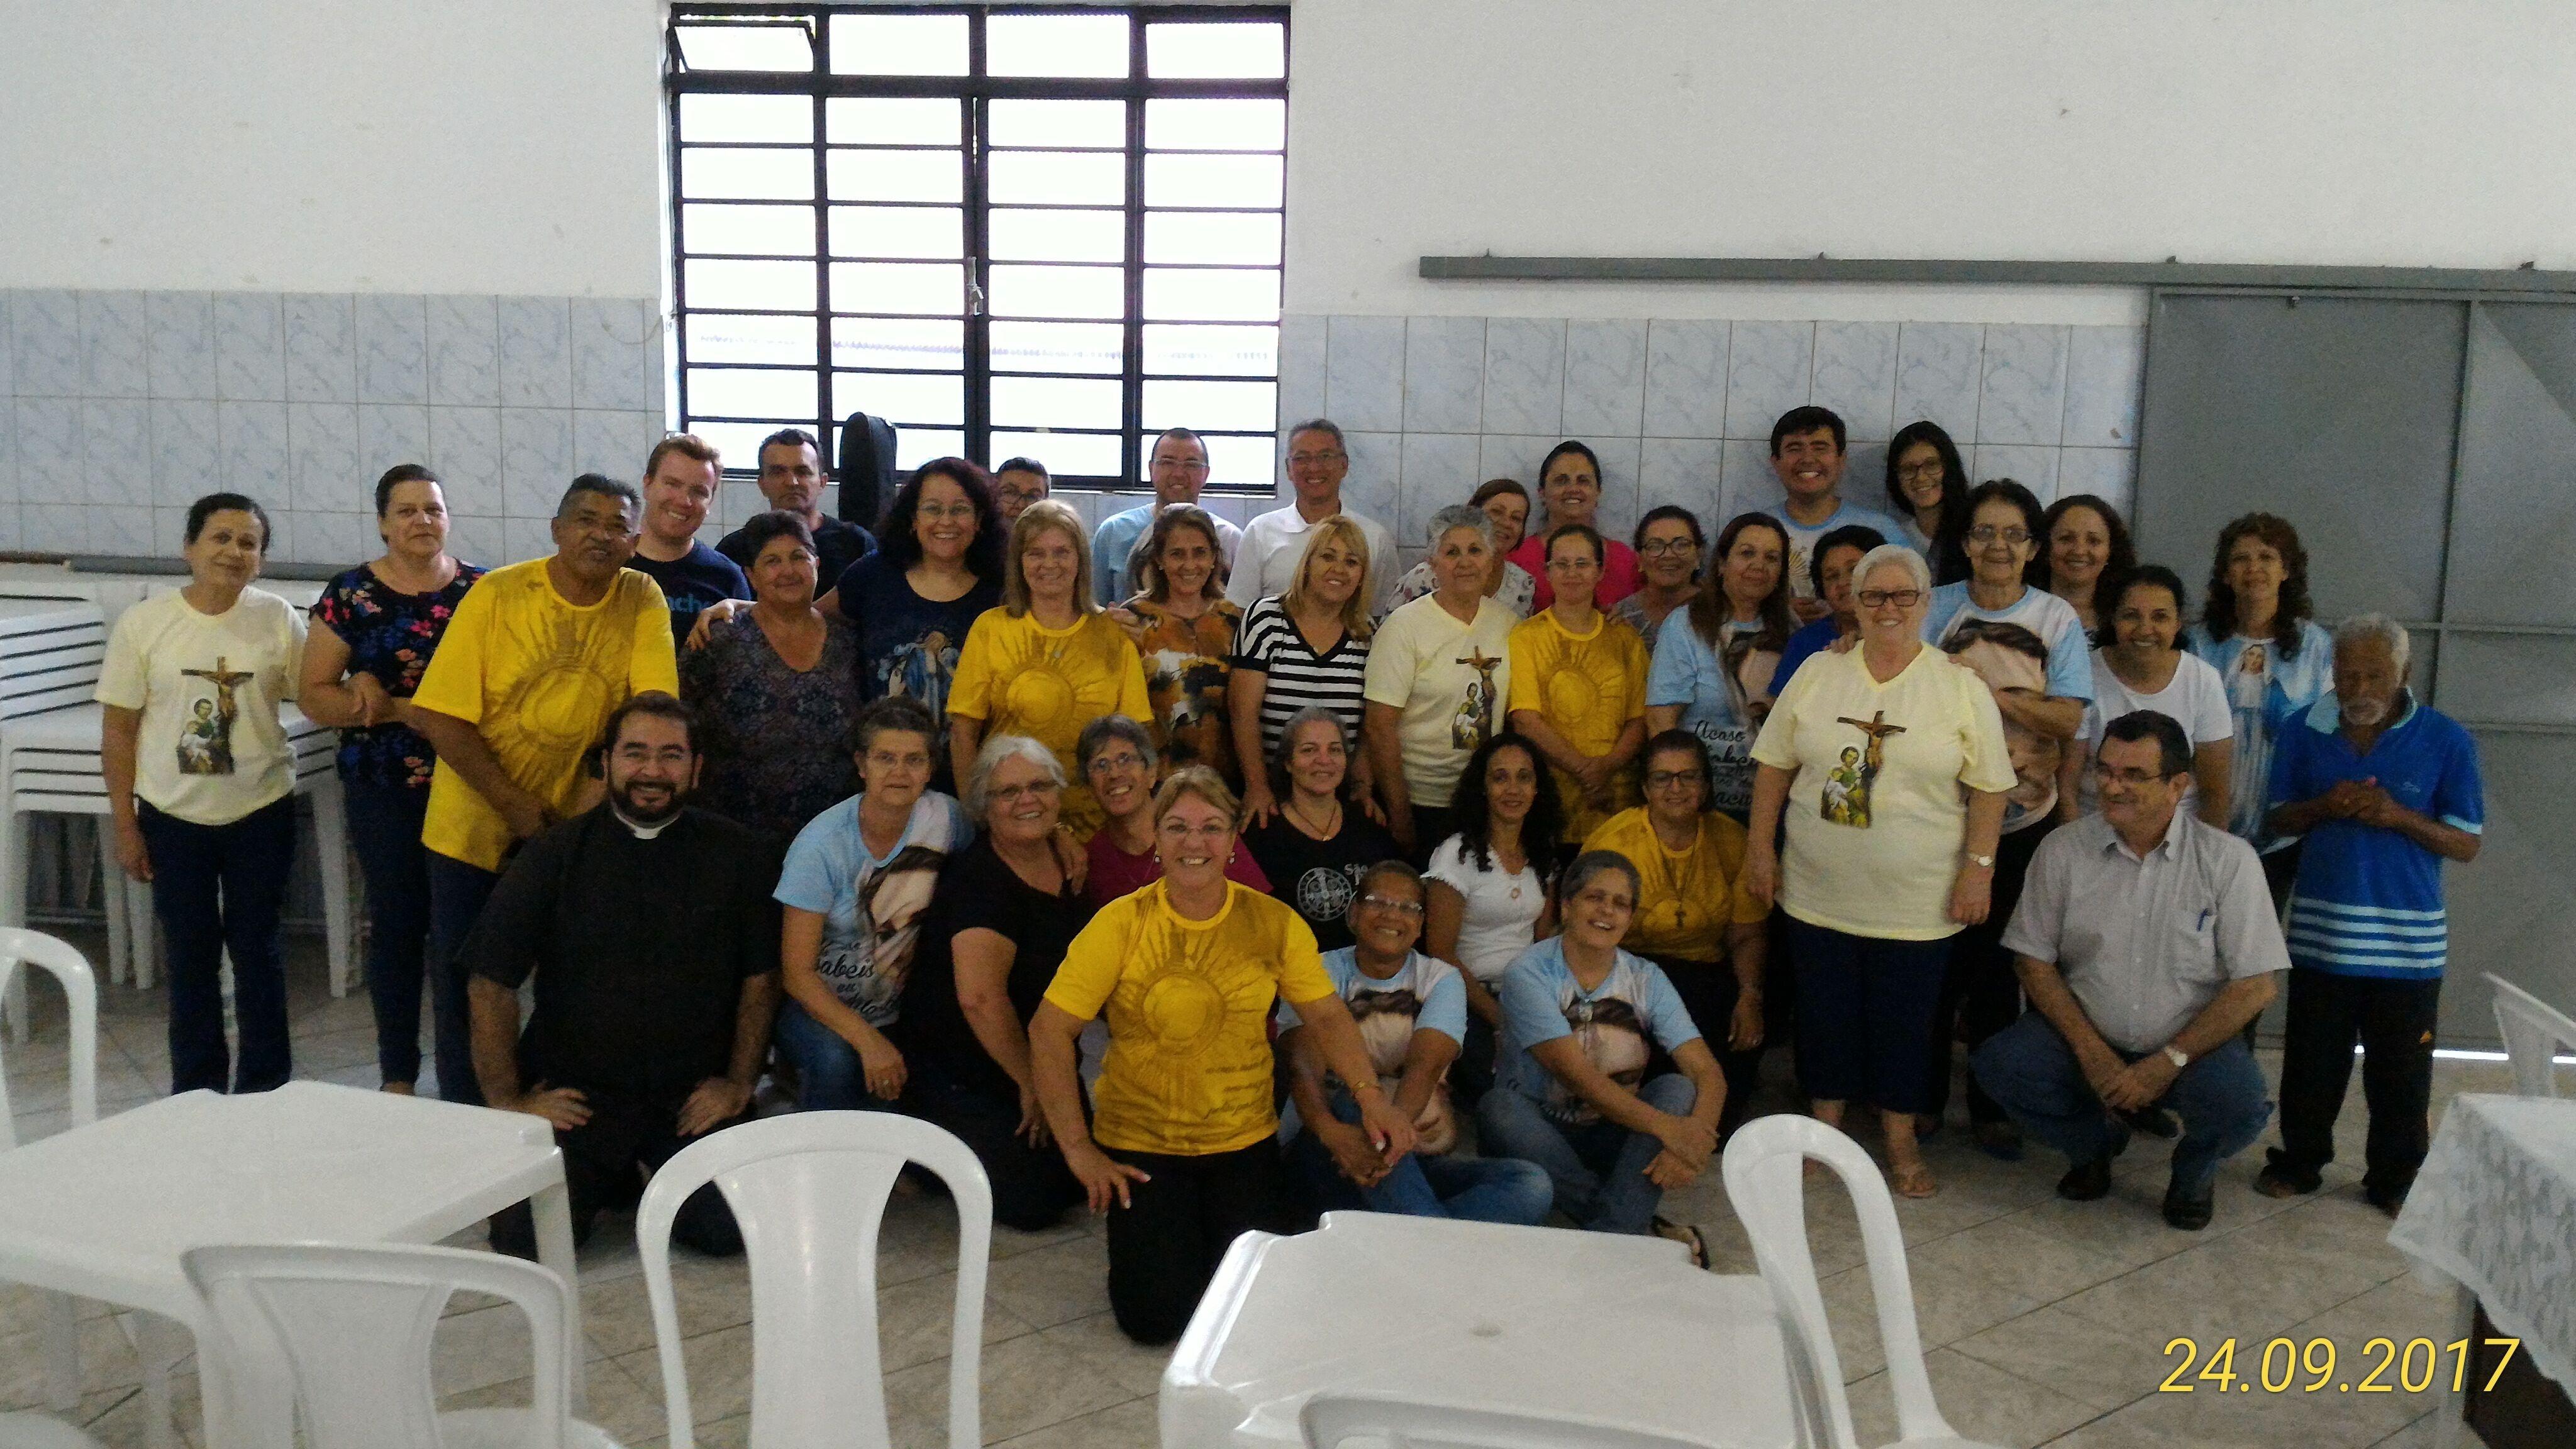 Encontro de Formação para ministros da eucaristia da Paróquia Nossa Senhora das Graças em Pindamonhangaba.